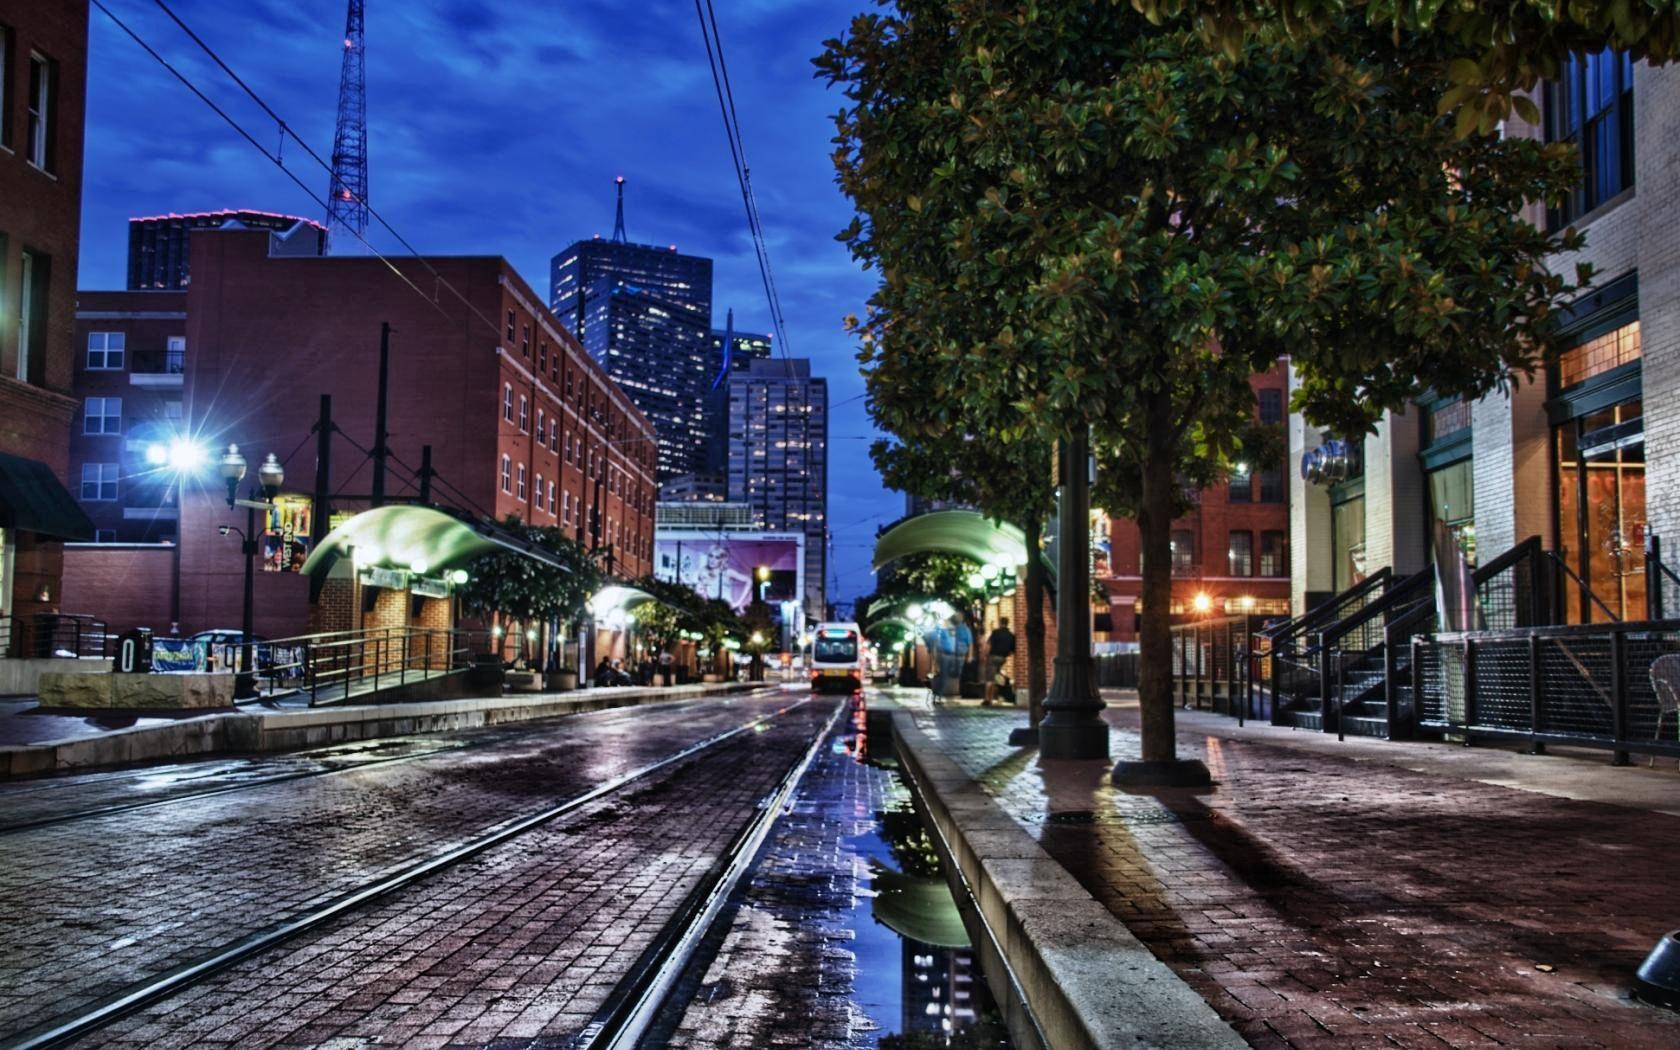 109536 скачать обои Города, Город, Сша, Техас, Даллас - заставки и картинки бесплатно